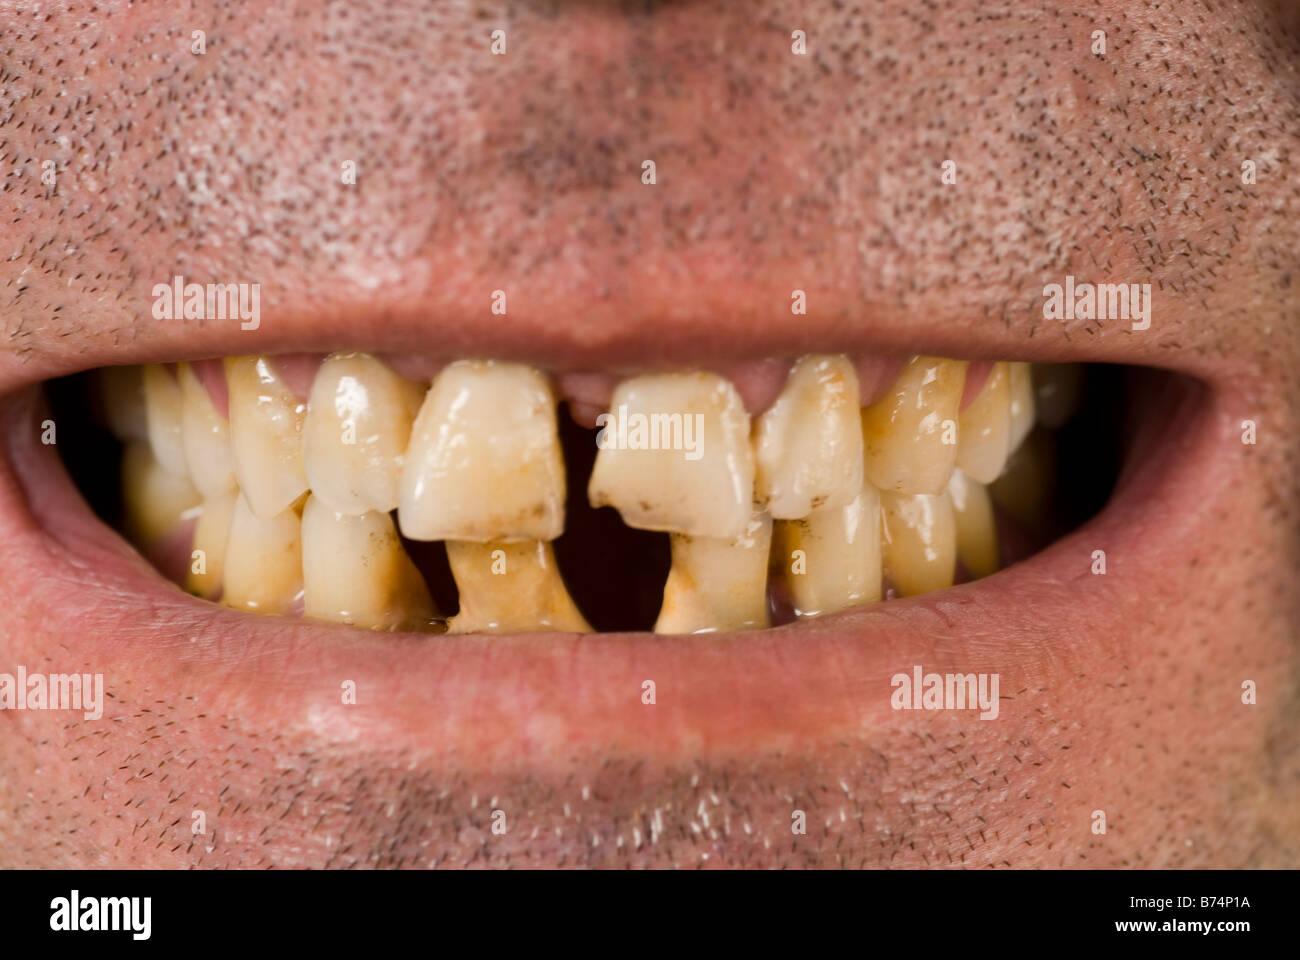 Nahaufnahme von schlechten Zähnen Stockbild